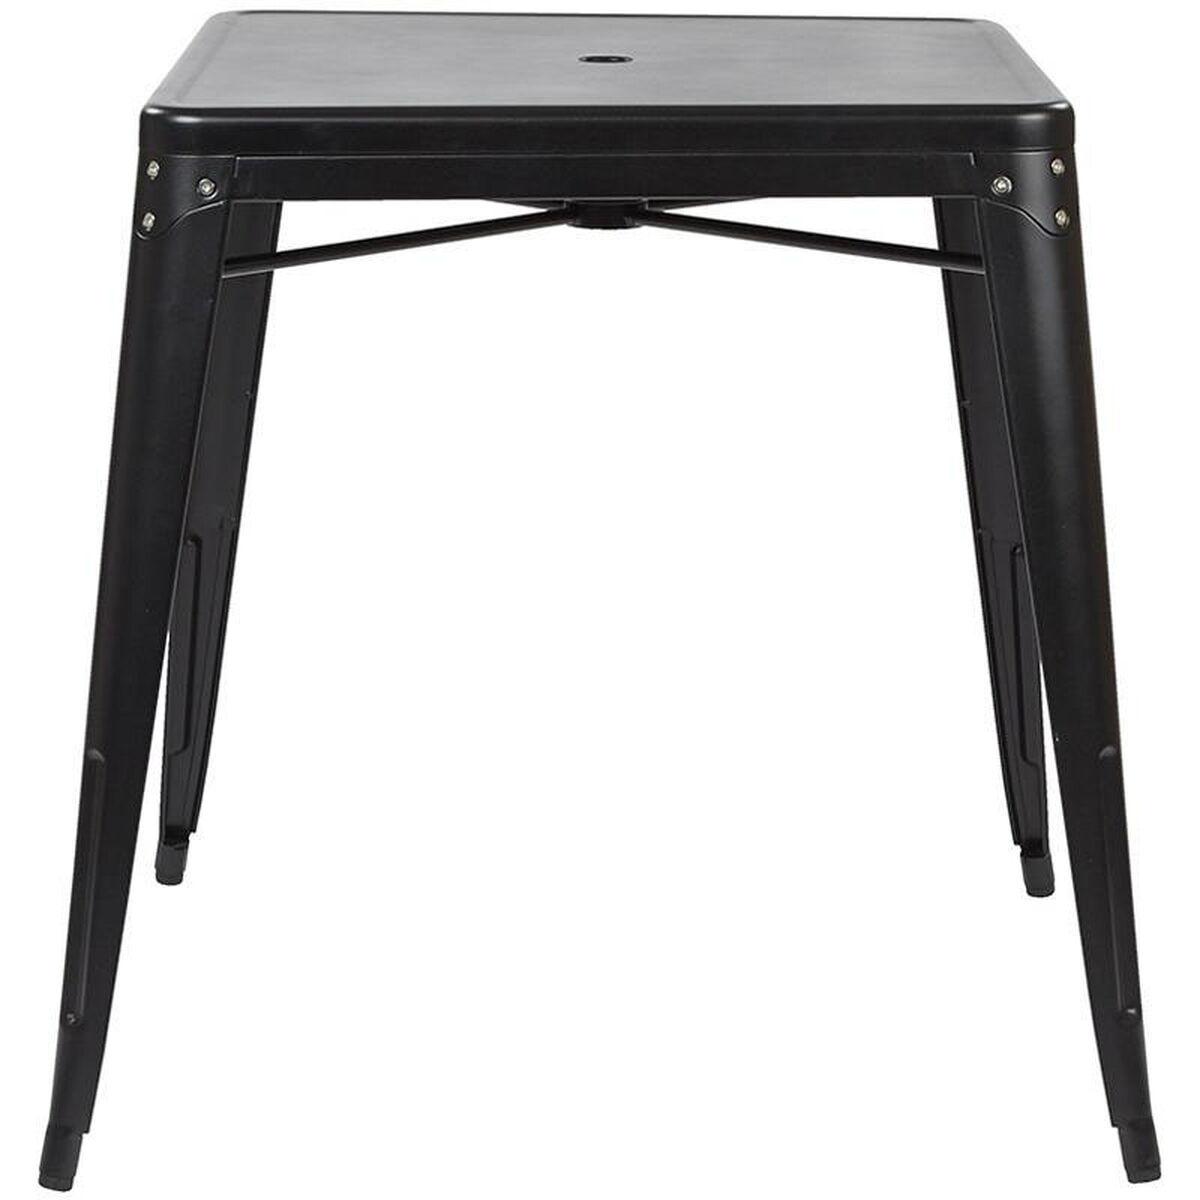 Matte Black Metal Dining Table Brw432u C230